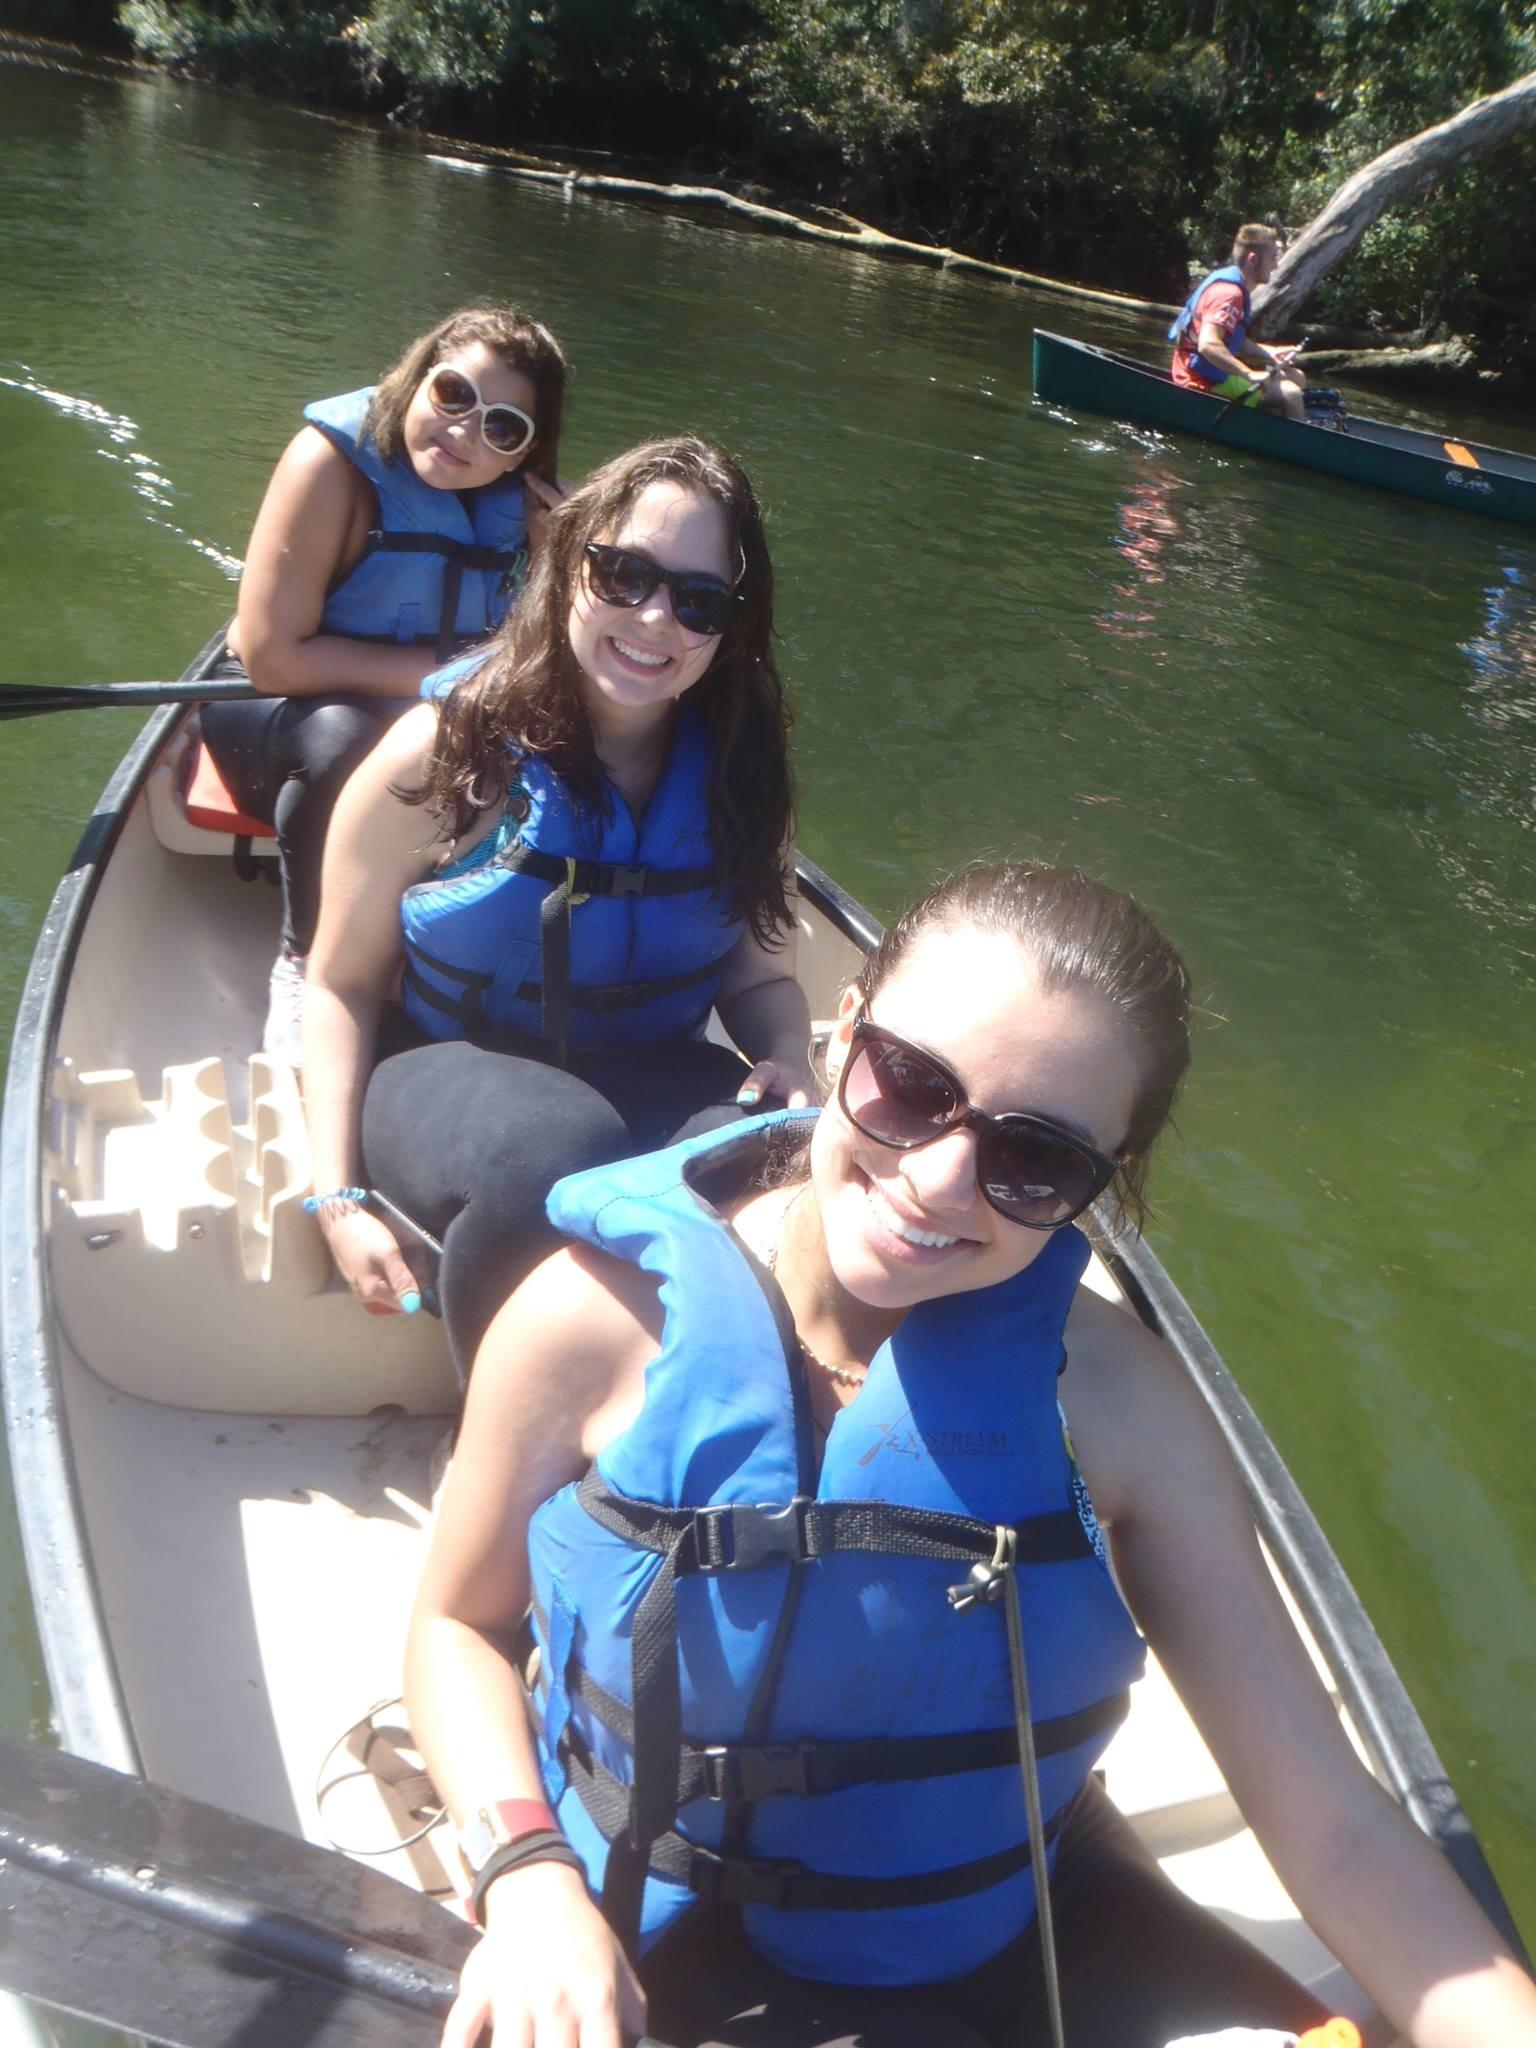 lake girls